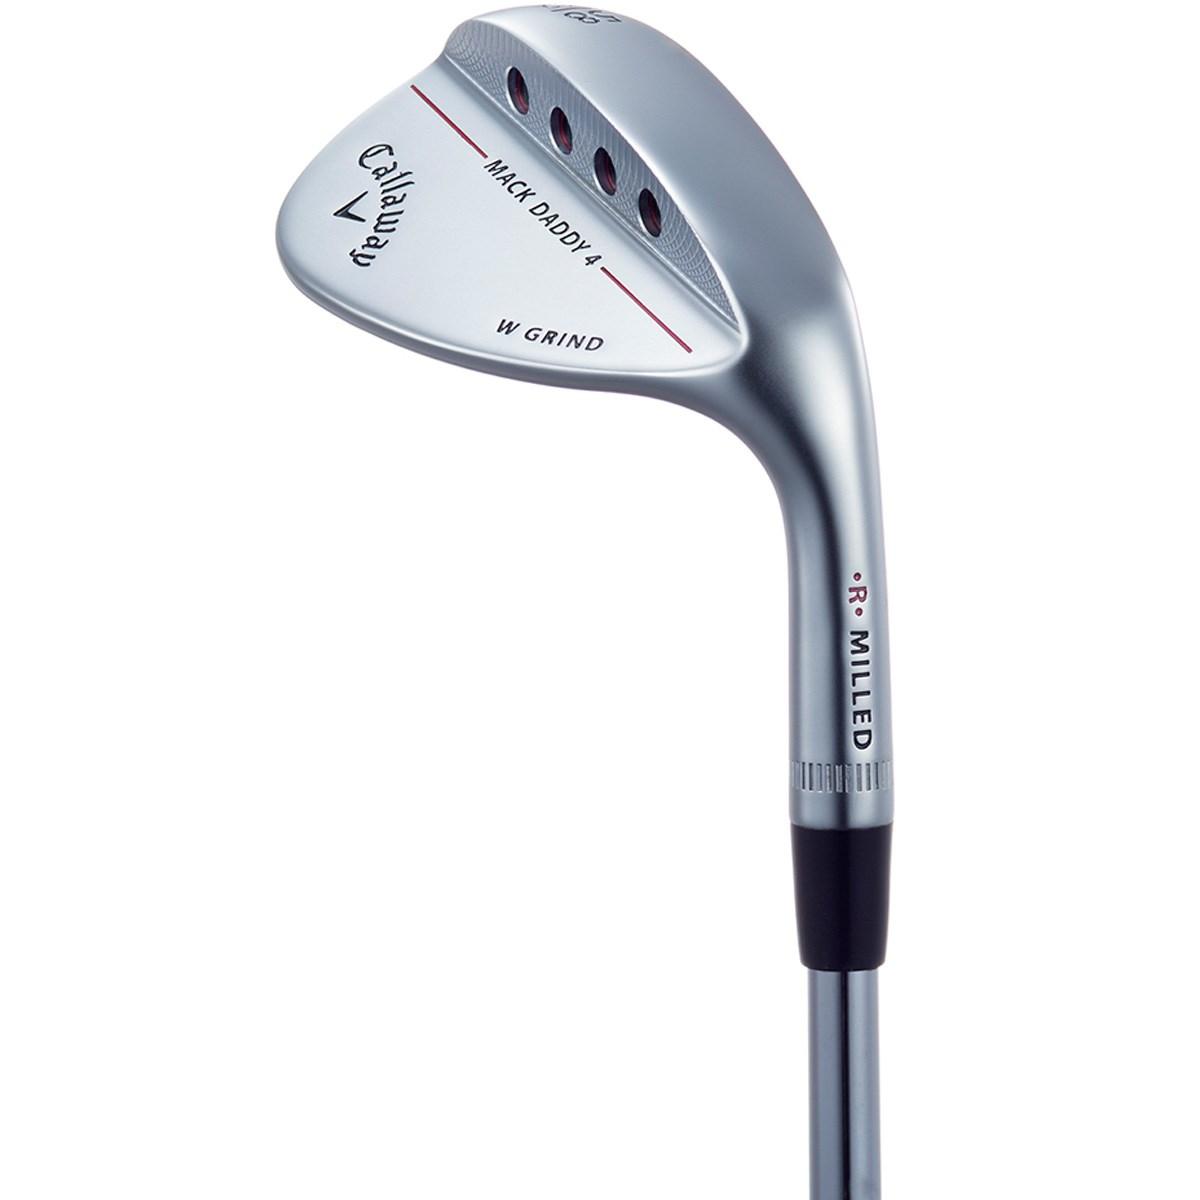 キャロウェイゴルフ(Callaway Golf) マックダディ 4 CRM ウェッジ ダイナミックゴールド S200